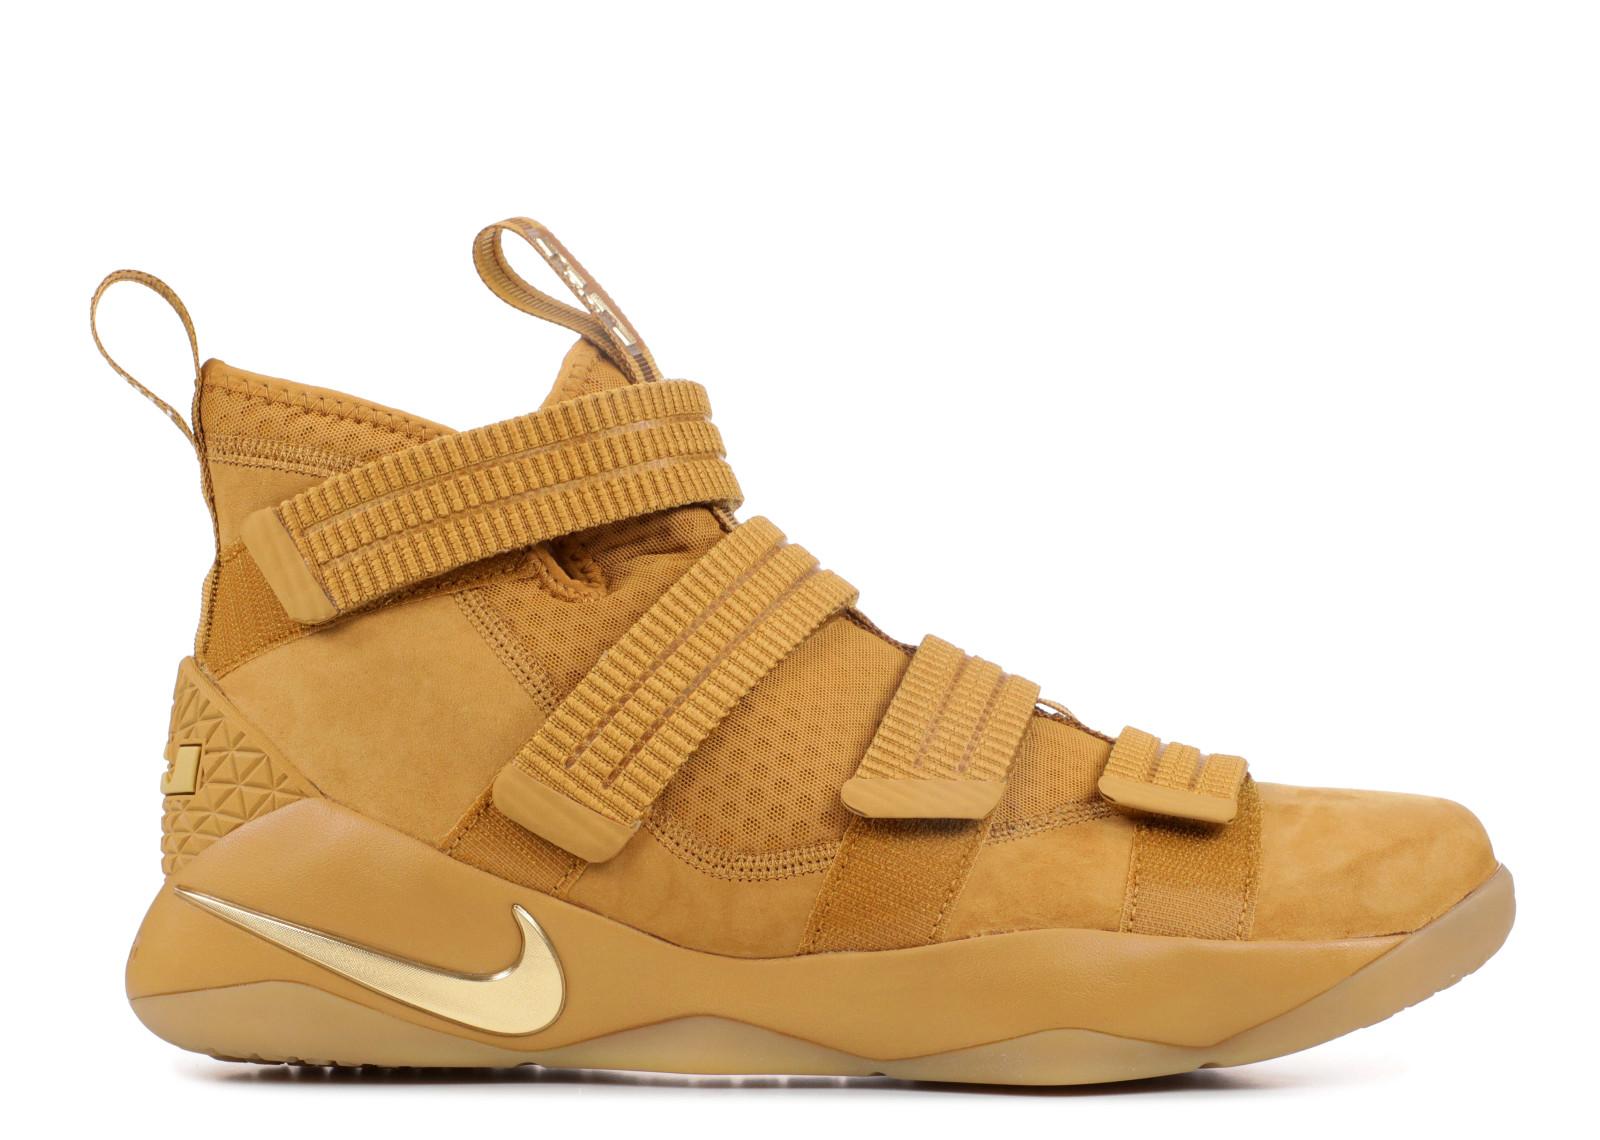 ナイキ レブロン ウィート ゴールド 金 メンズ 男性用 メンズ靴 靴 スニーカー 【 NIKE LEBRON SOLIDER XI SFG WHEAT GOLD METALLIC 】